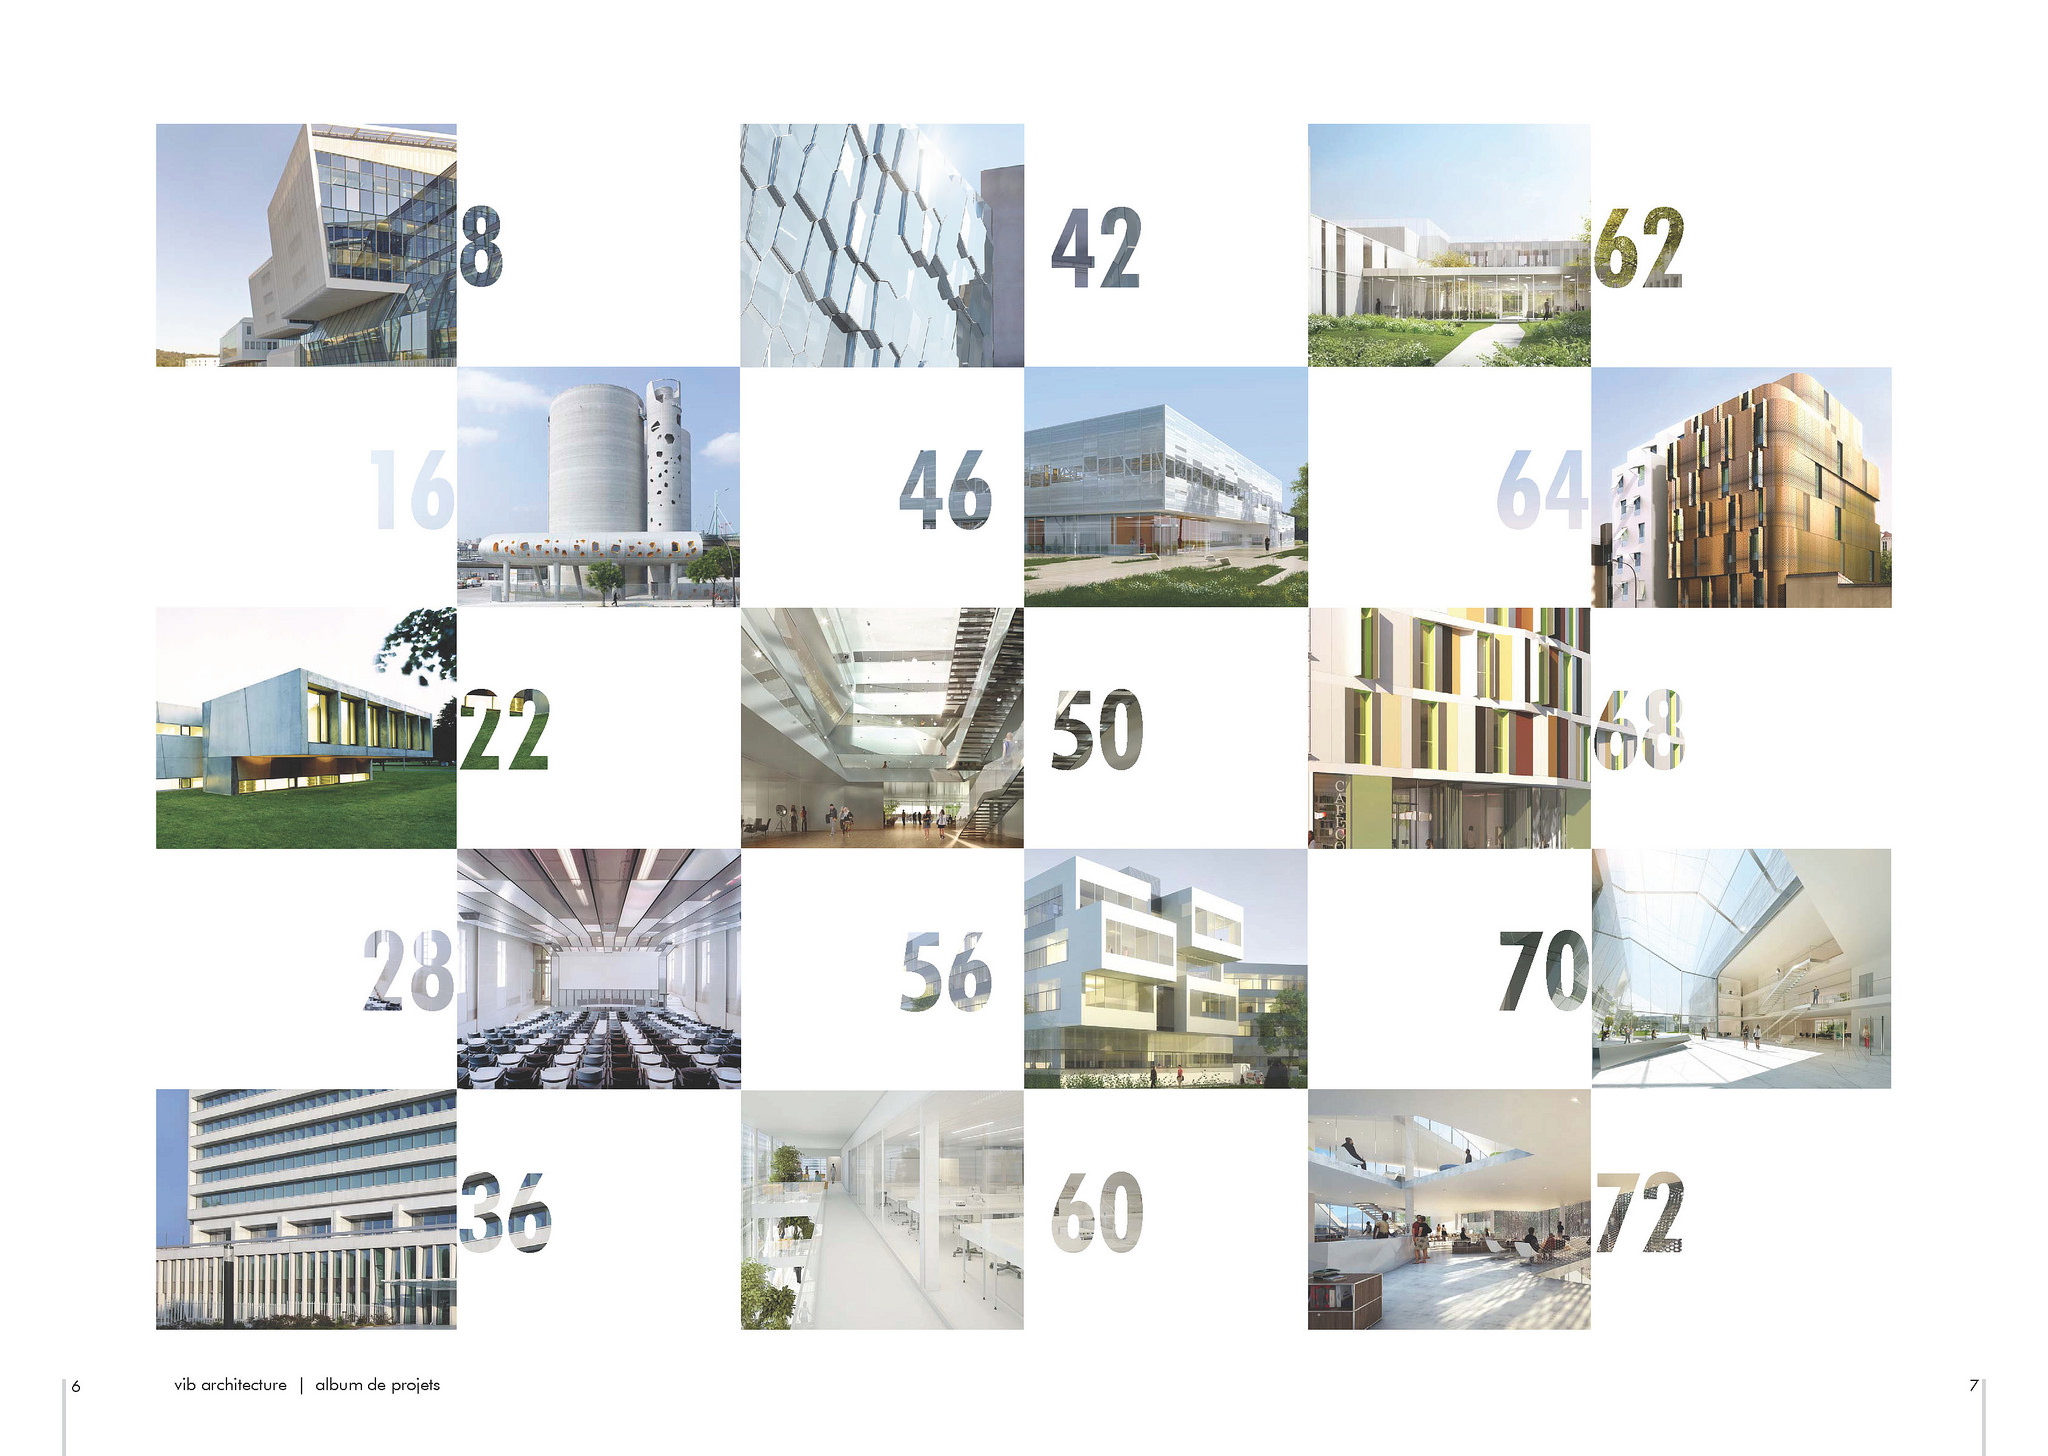 Brilliant Tips to make a Professional Architecture Portfolio